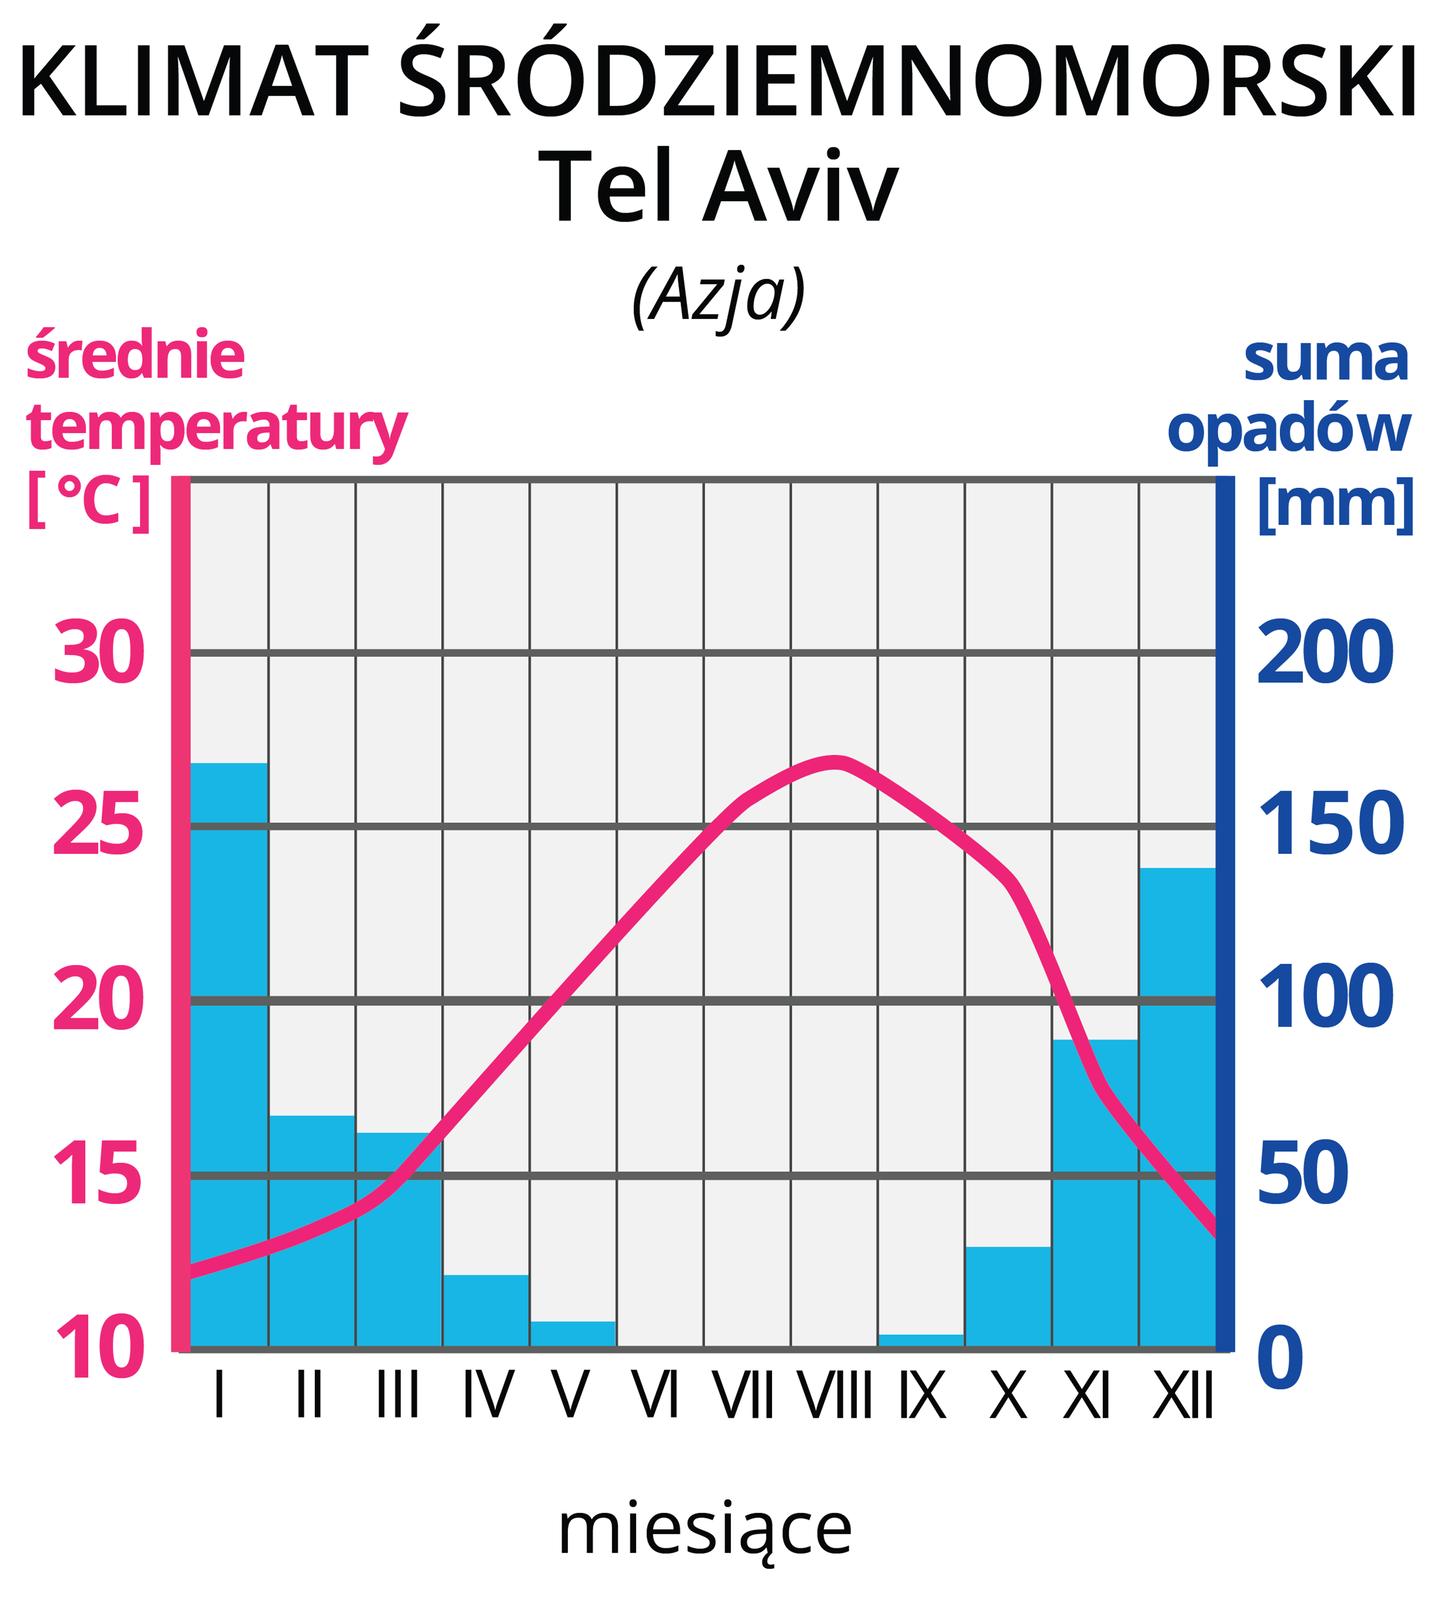 Ilustracja prezentuje wykres – klimatogram, klimatu śródziemnomorskiego zTel Avivu wAzji. Na lewej osi wykresu wyskalowano średnie temperatury wOC, na prawej osi wykresu wyskalowano sumy opadów wmm. Na osi poziomej zaznaczono cyframi rzymskimi kolejne miesiące. Czerwona pozioma linia na wykresie, to średnie temperatury wposzczególnych miesiącach. Tutaj linia rozpoczyna się na wysokości 12OC wstyczniu iwznosi się wposzczególnych miesiącach do około 27 OC wsierpniu, po czym opada do 12 OC wgrudniu. Niebieskie słupki, to wysokości sum opadów wposzczególnych miesiącach. Najwyższe opady, powyżej 50 mm, wmiesiącach listopad-marzec. Najniższe opady, poniżej 50 mm, kwiecień-październik.